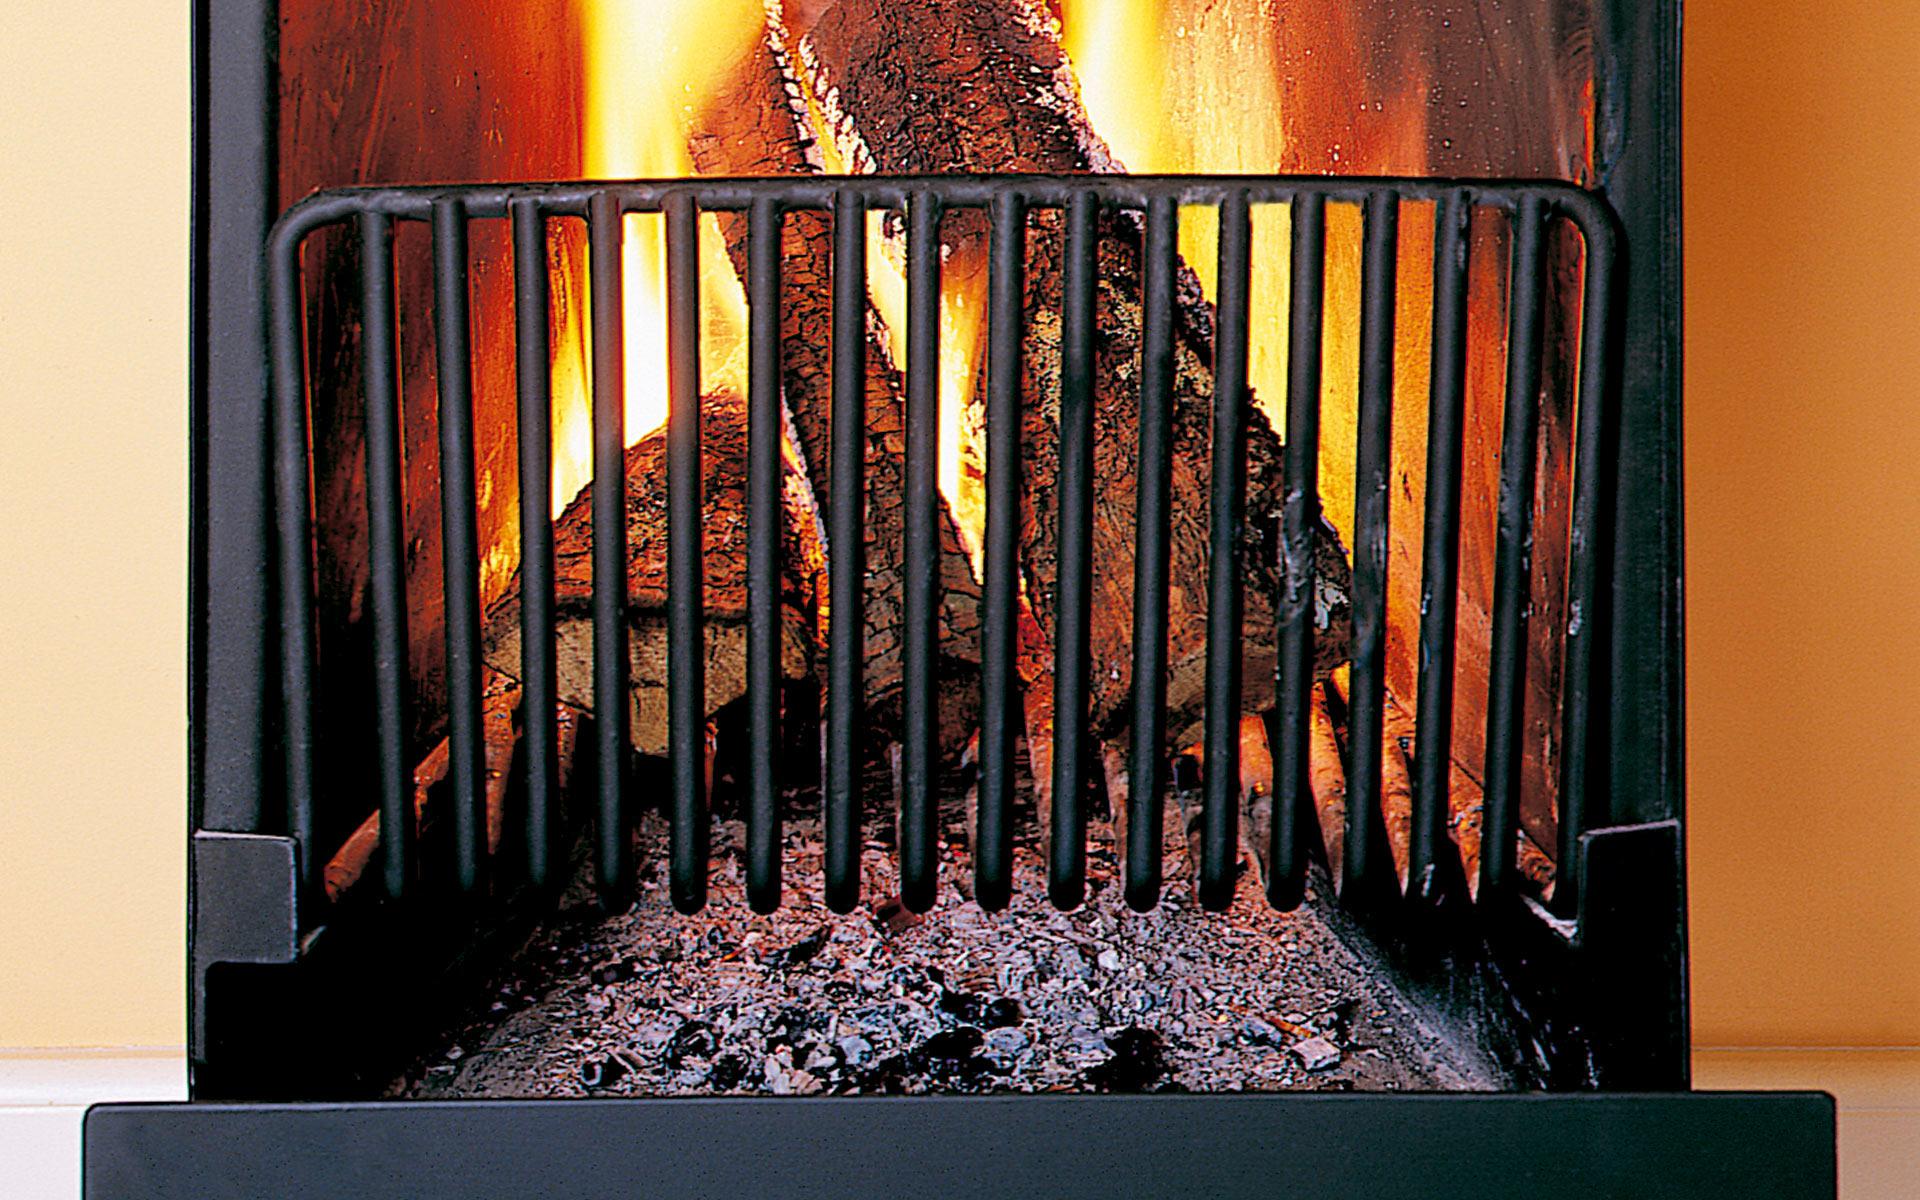 Chimenea Capilla. Detalle del fuego